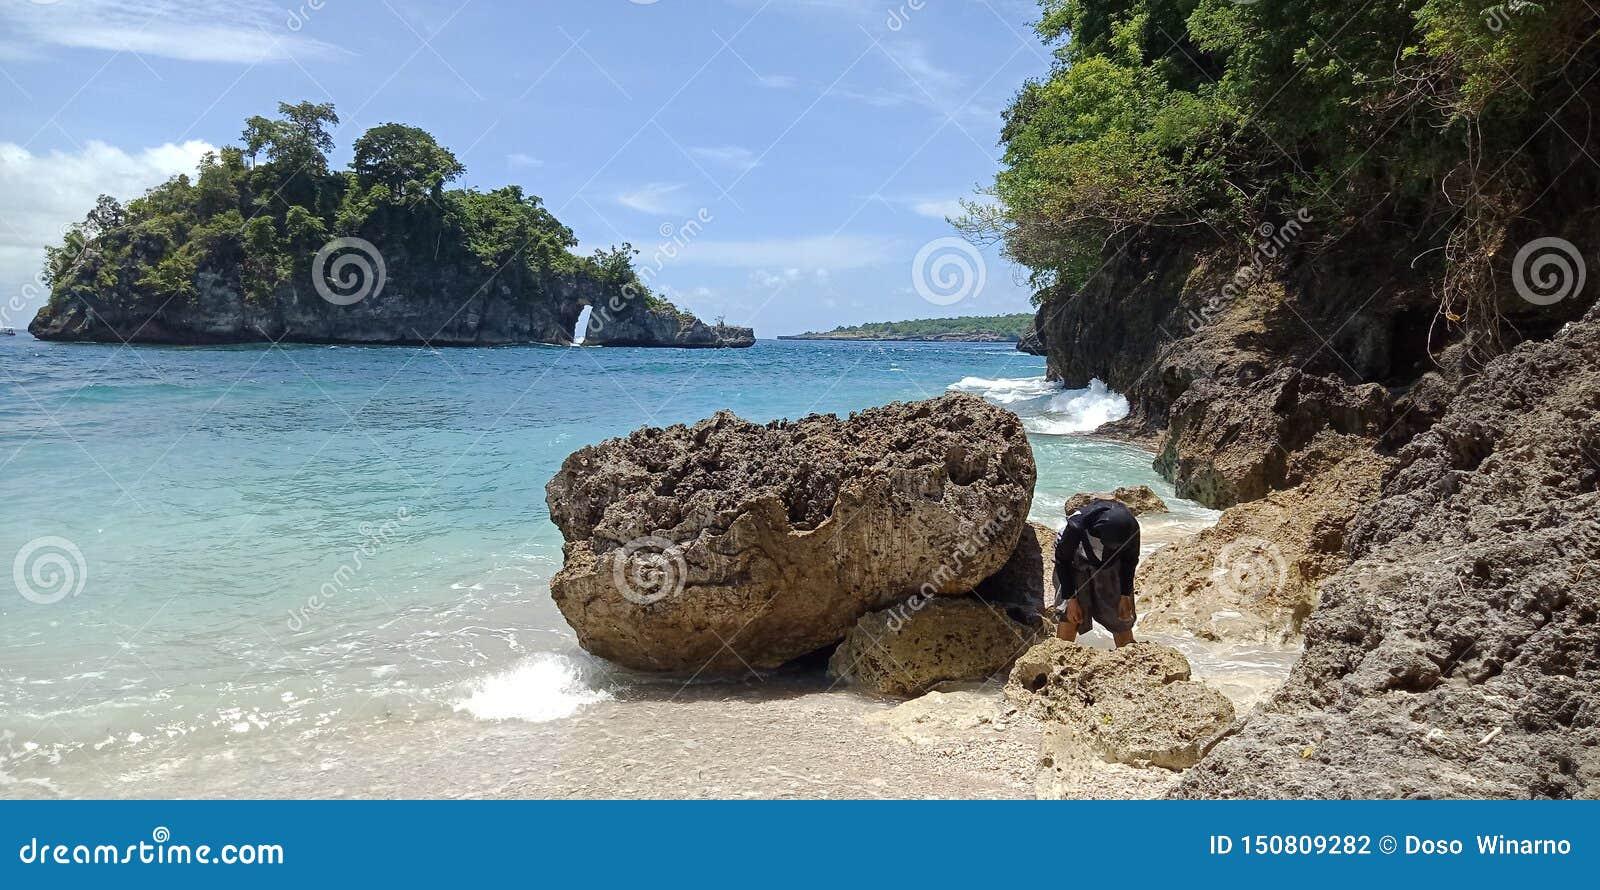 Ten Canggu kamienia plaża podróżnik nie tylko poświadczać istnienie unikalna świątynia może także połogiego teren który może być